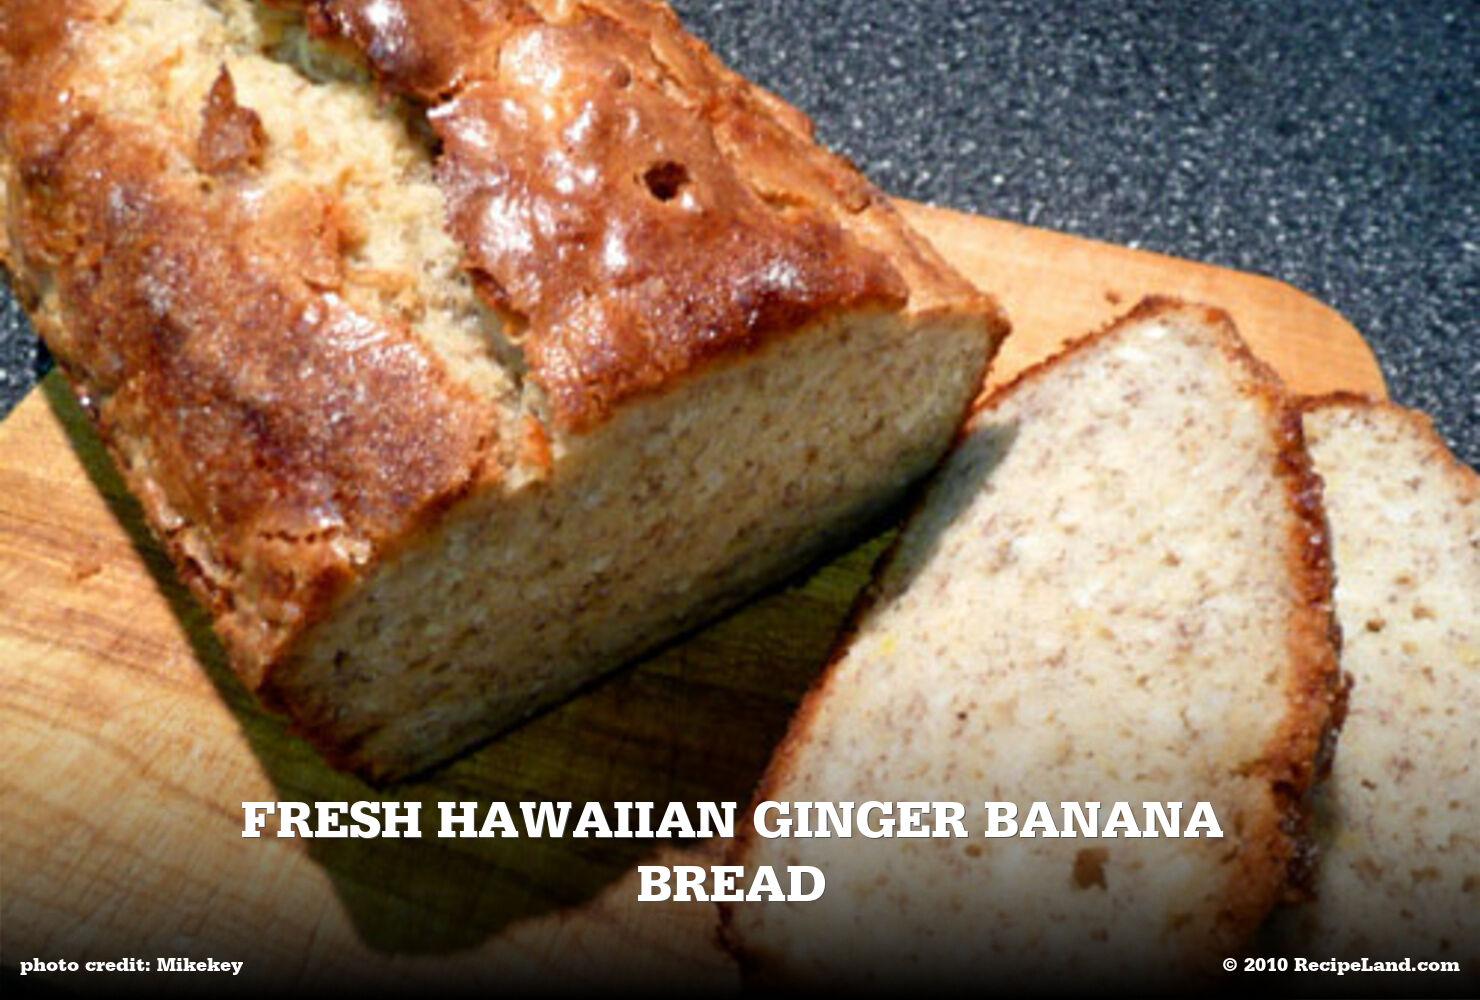 Fresh Hawaiian Ginger Banana Bread